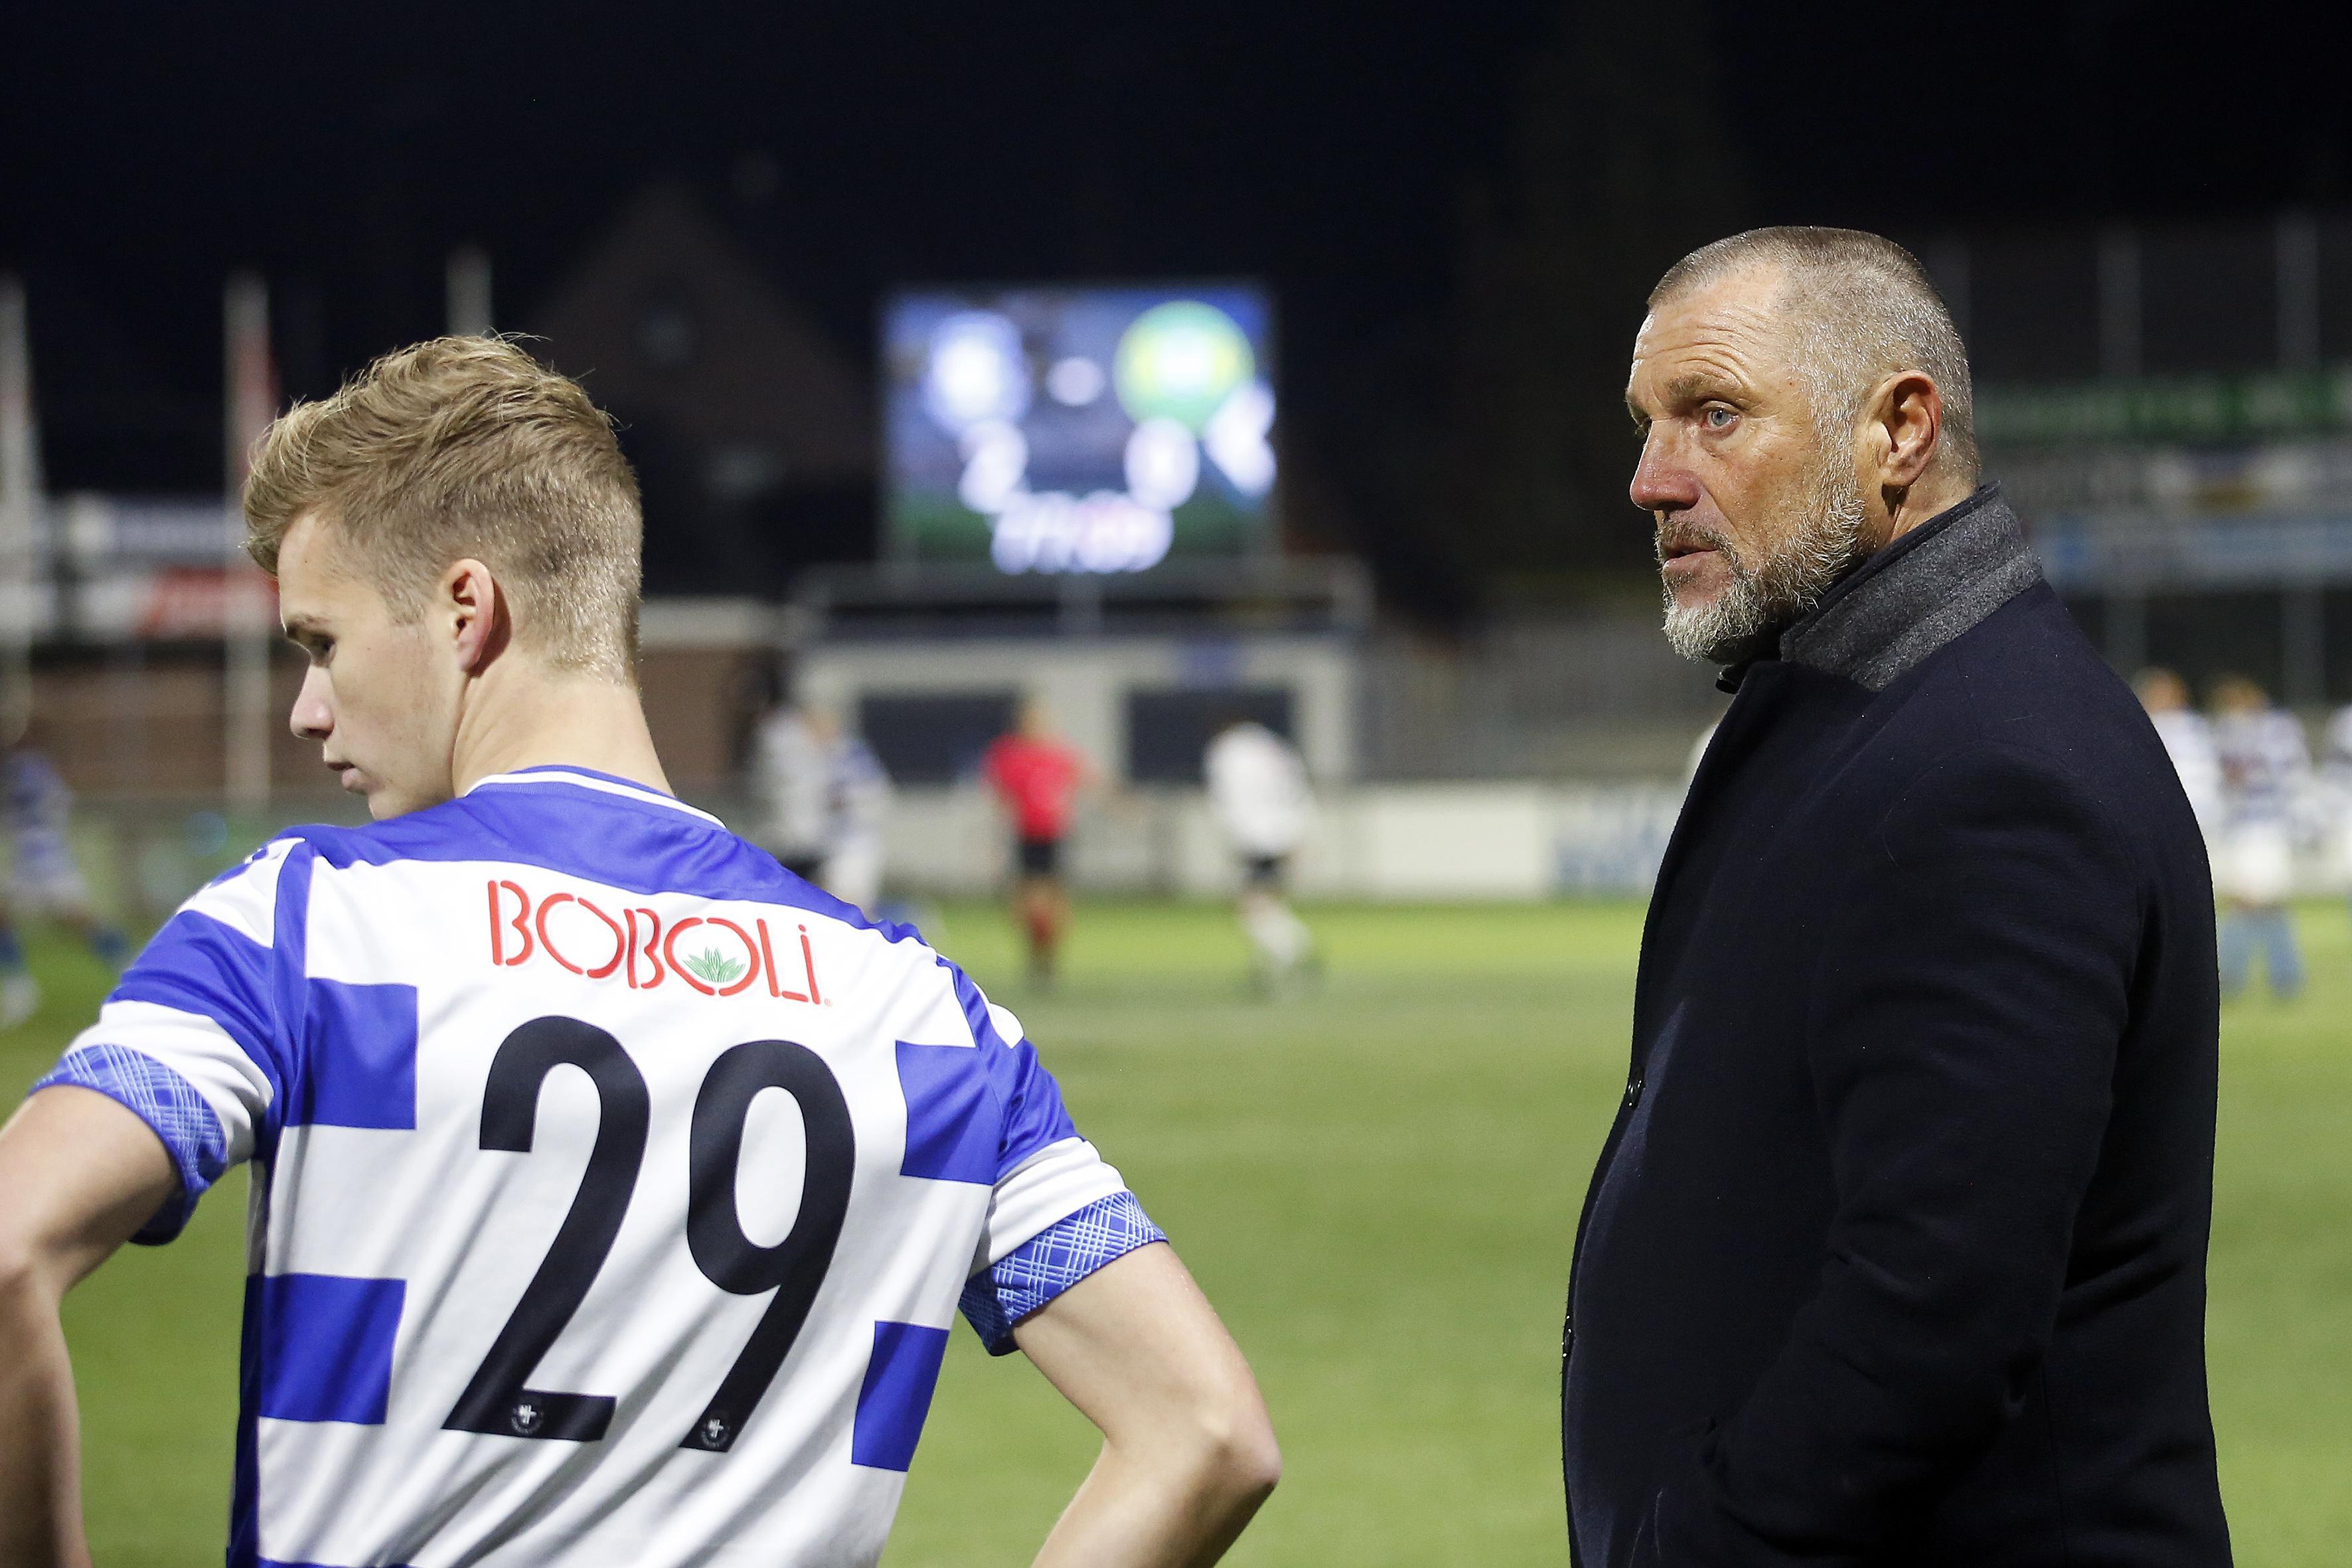 De Wolf vertrekt met 'pijn in het hart' na zege van Spakenburg in KNVB-beker: 'Ik wilde per se nog op de bank zitten, dat heb ik in de onderhandelingen met Feyenoord meteen aangegeven'